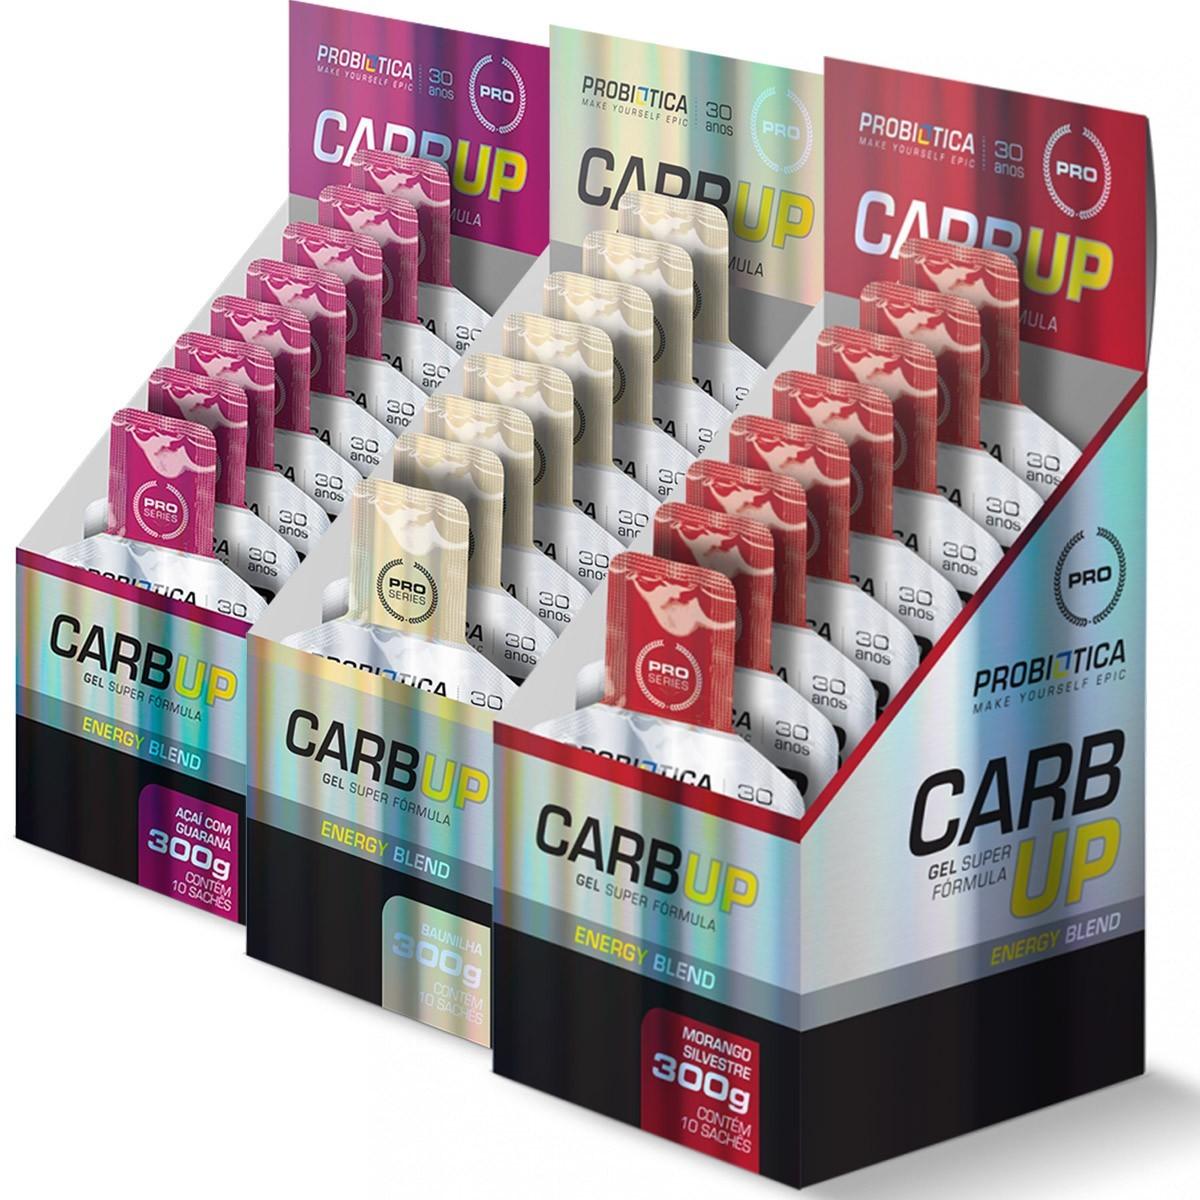 Kit 5x Carb-UP Super Formula - Probiótica